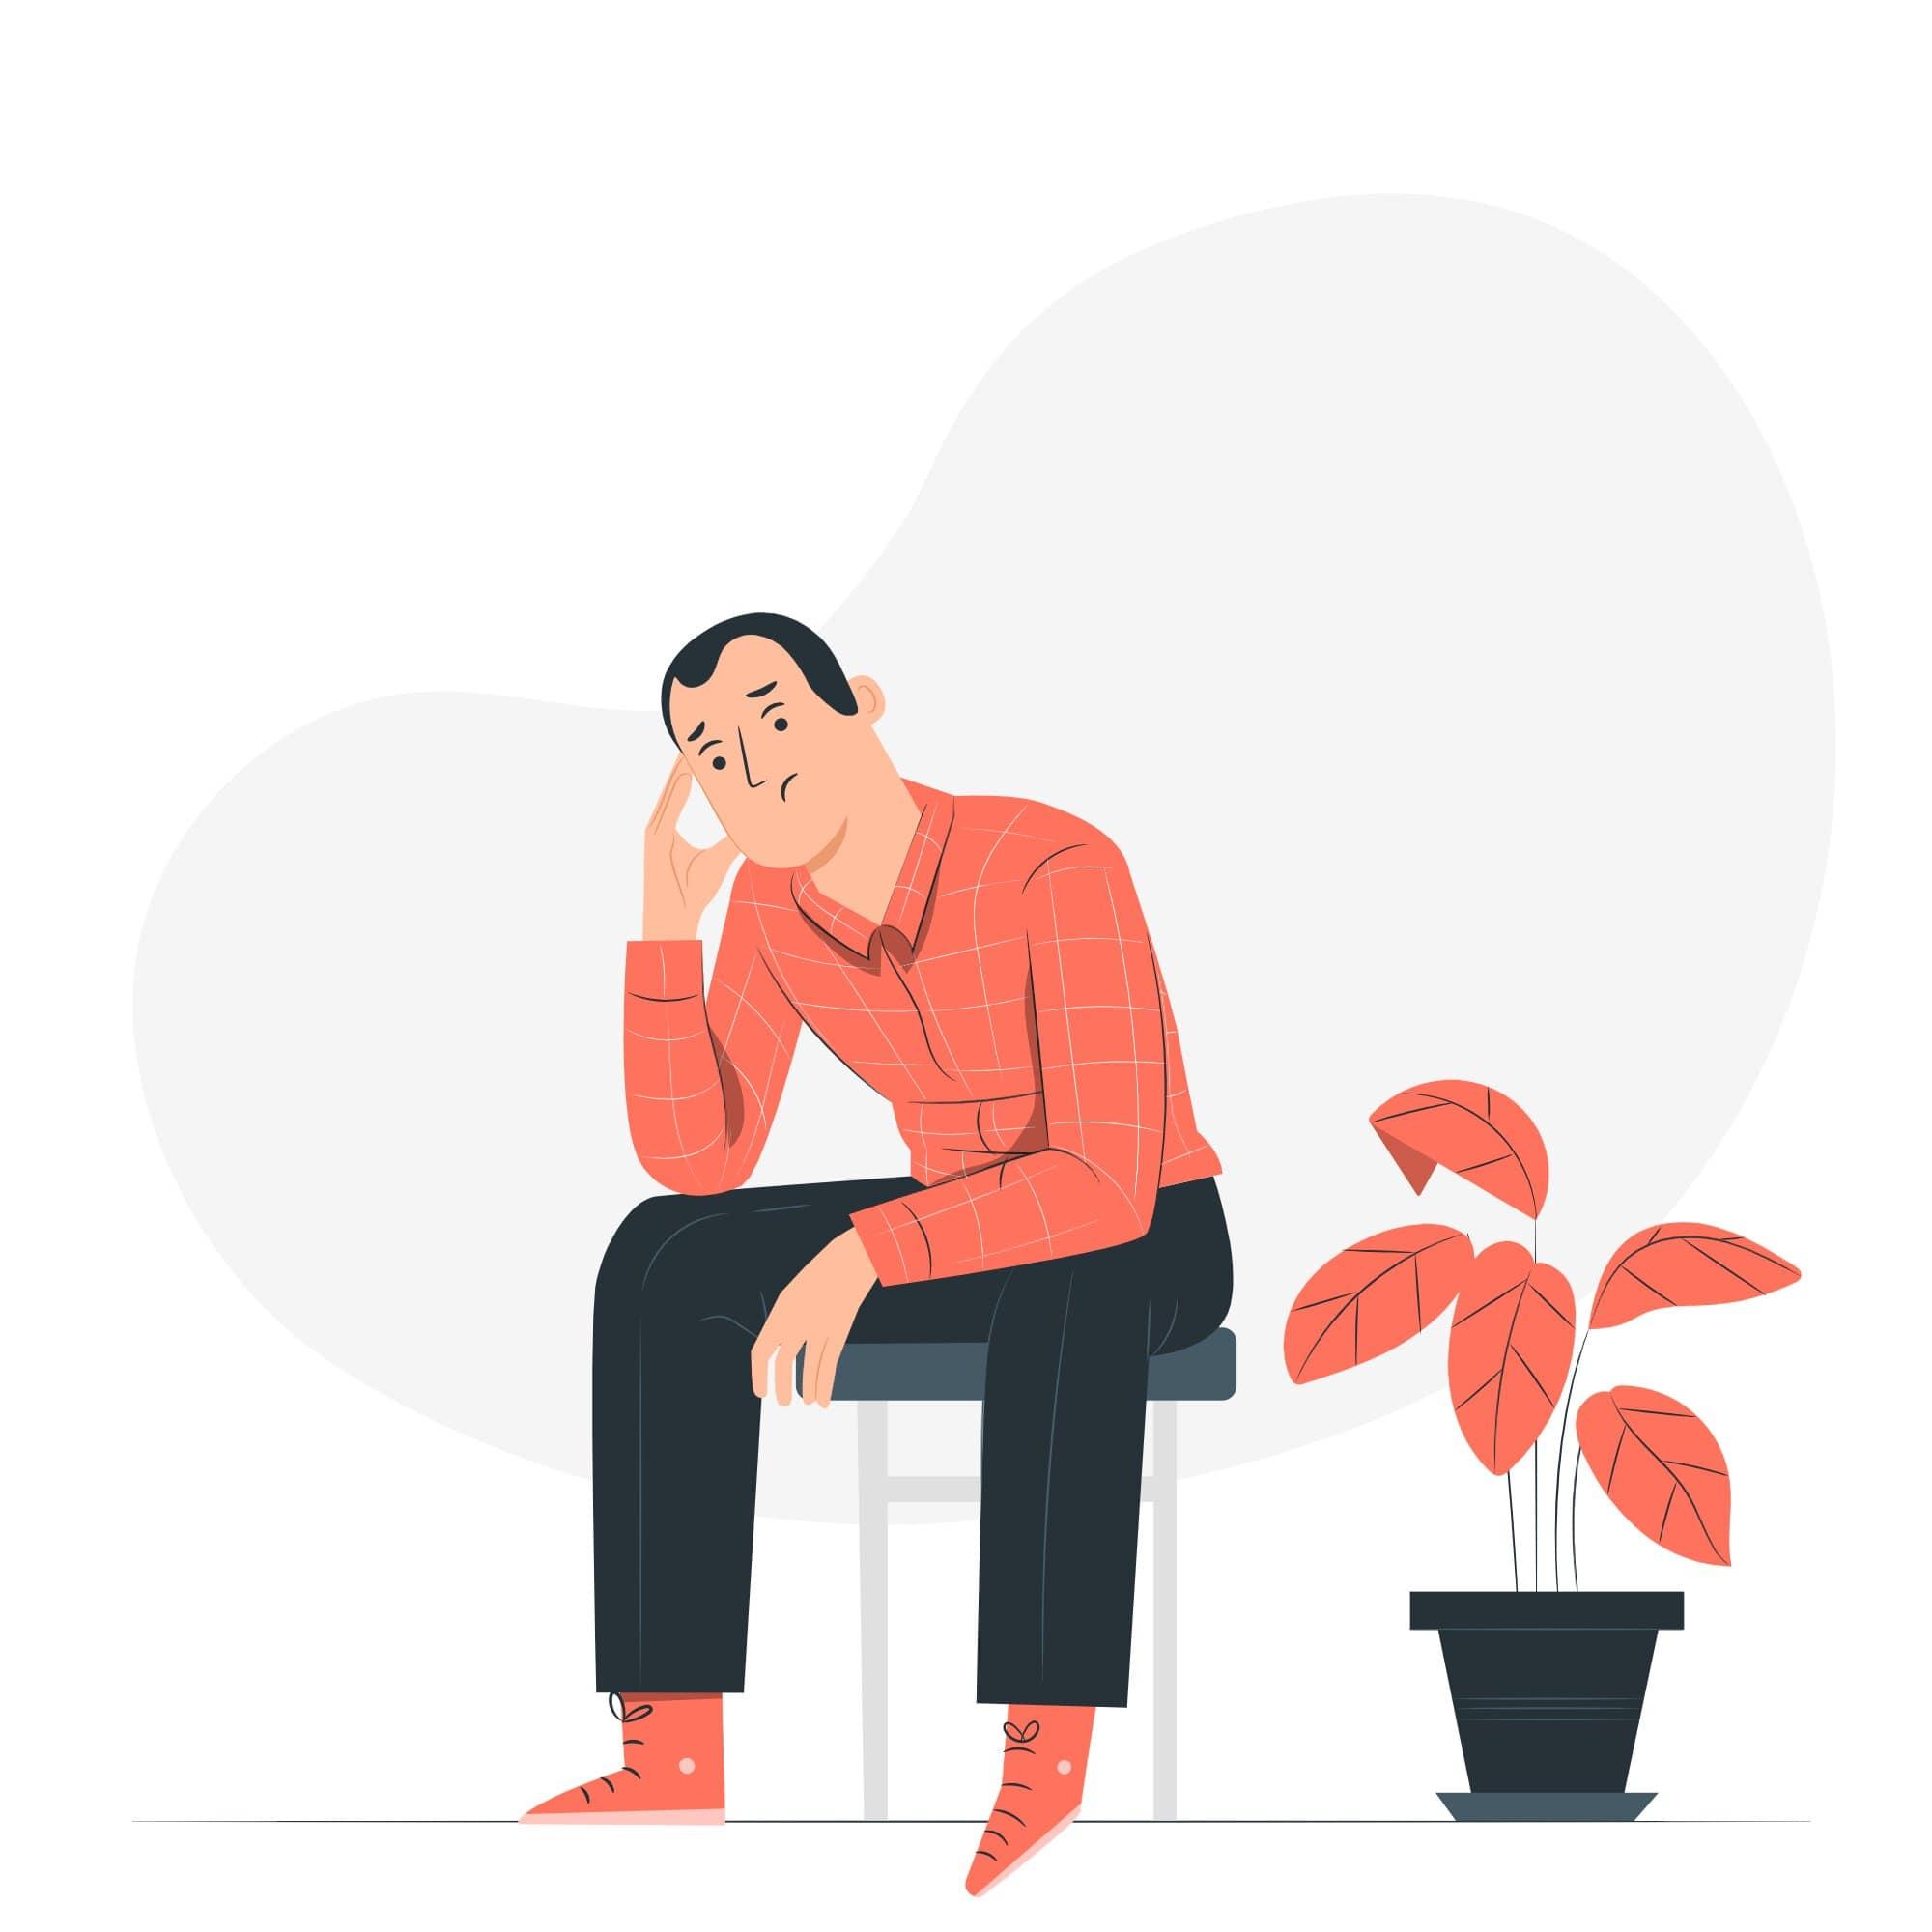 Hombre deprimido sentado deteniéndose la cabeza